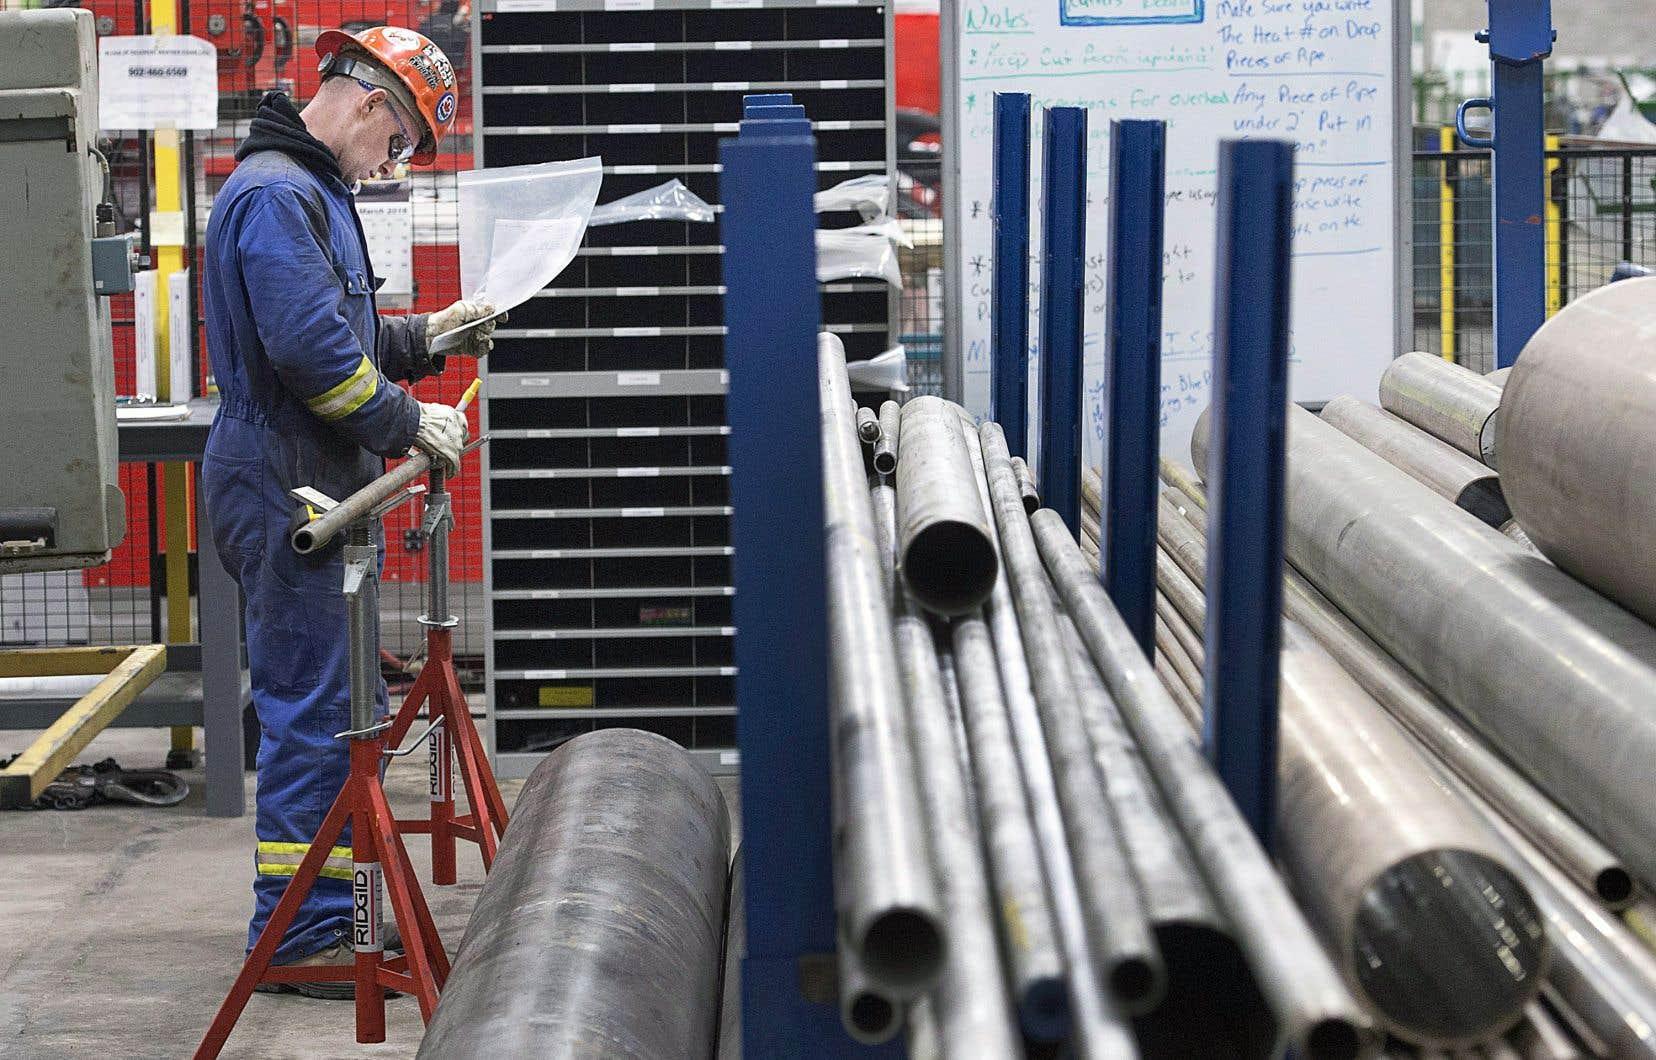 La croissance des salaires témoigne d'un solide marché du travail au Canada et d'une économie qui fonctionne près de son plein potentiel, dit Robert Kavcic, économiste principal à la Banque de Montréal.